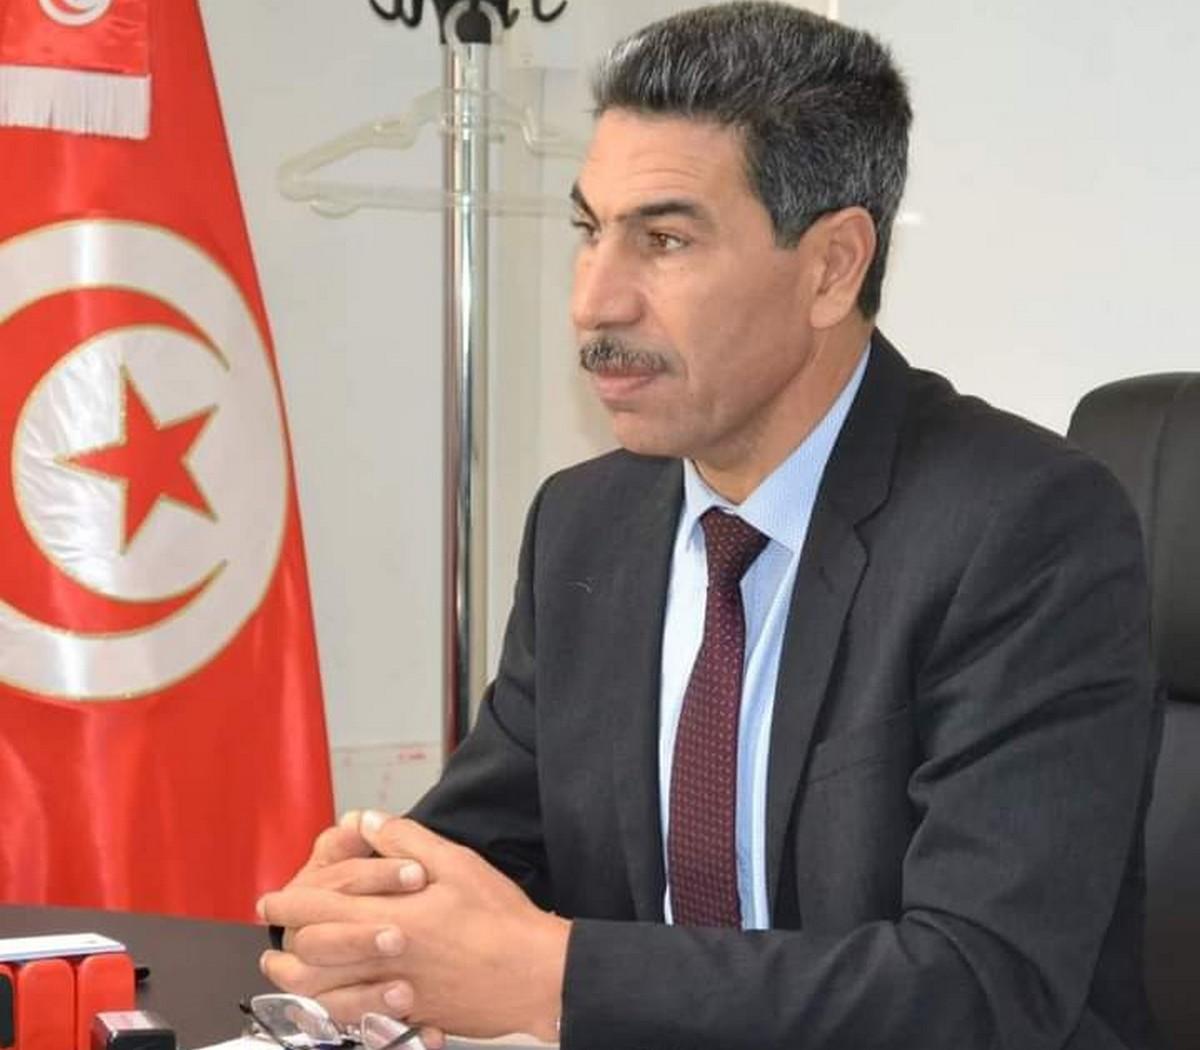 الأستاذ حمادي خماخم يترشح لرئاسة جامعة صفاقس